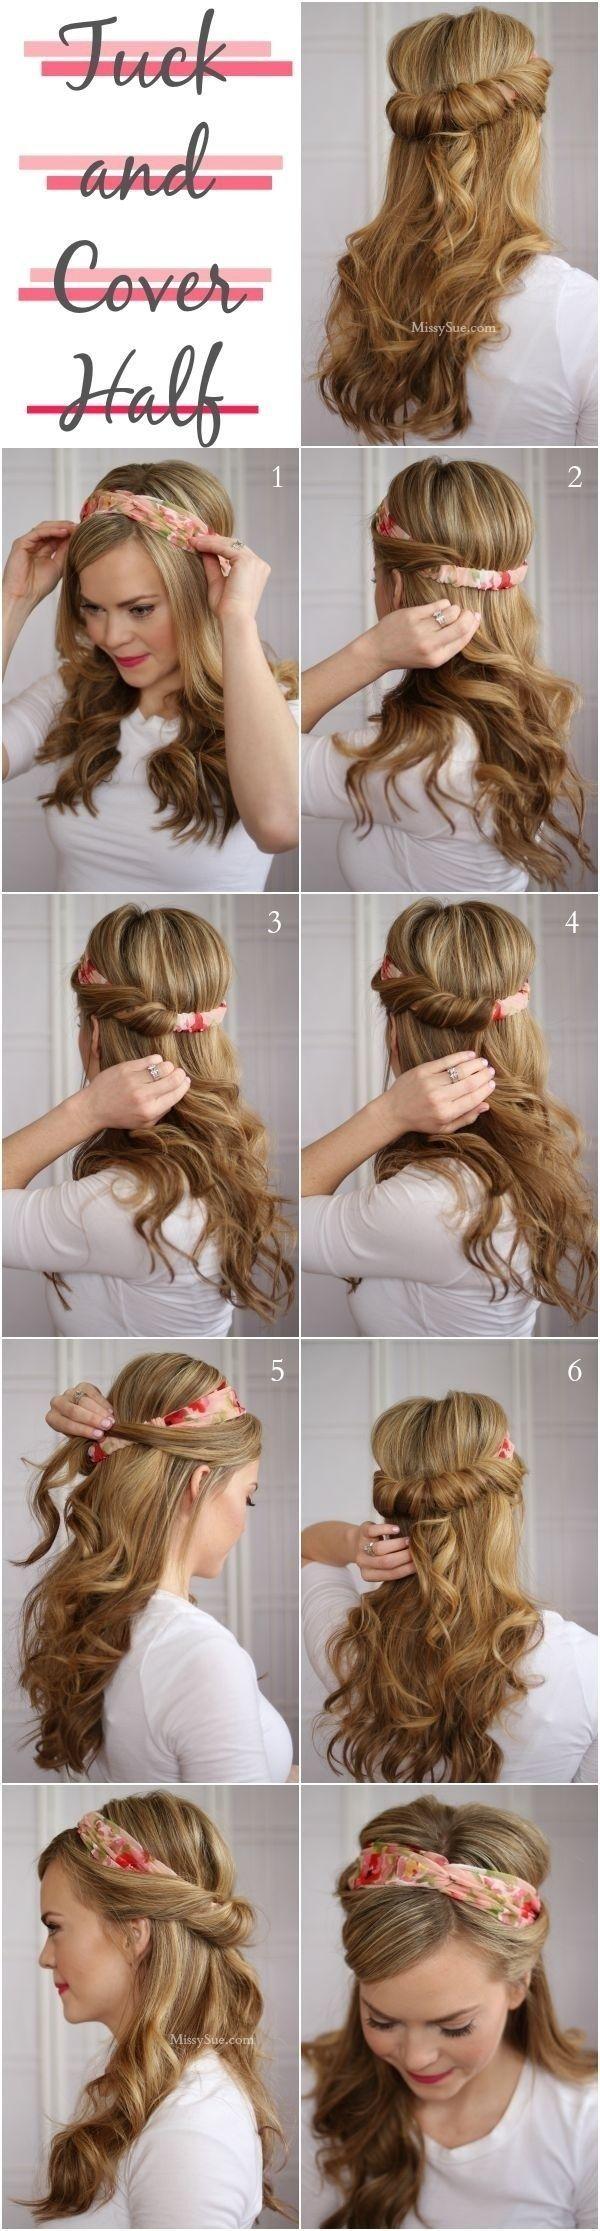 Cute headband hair style